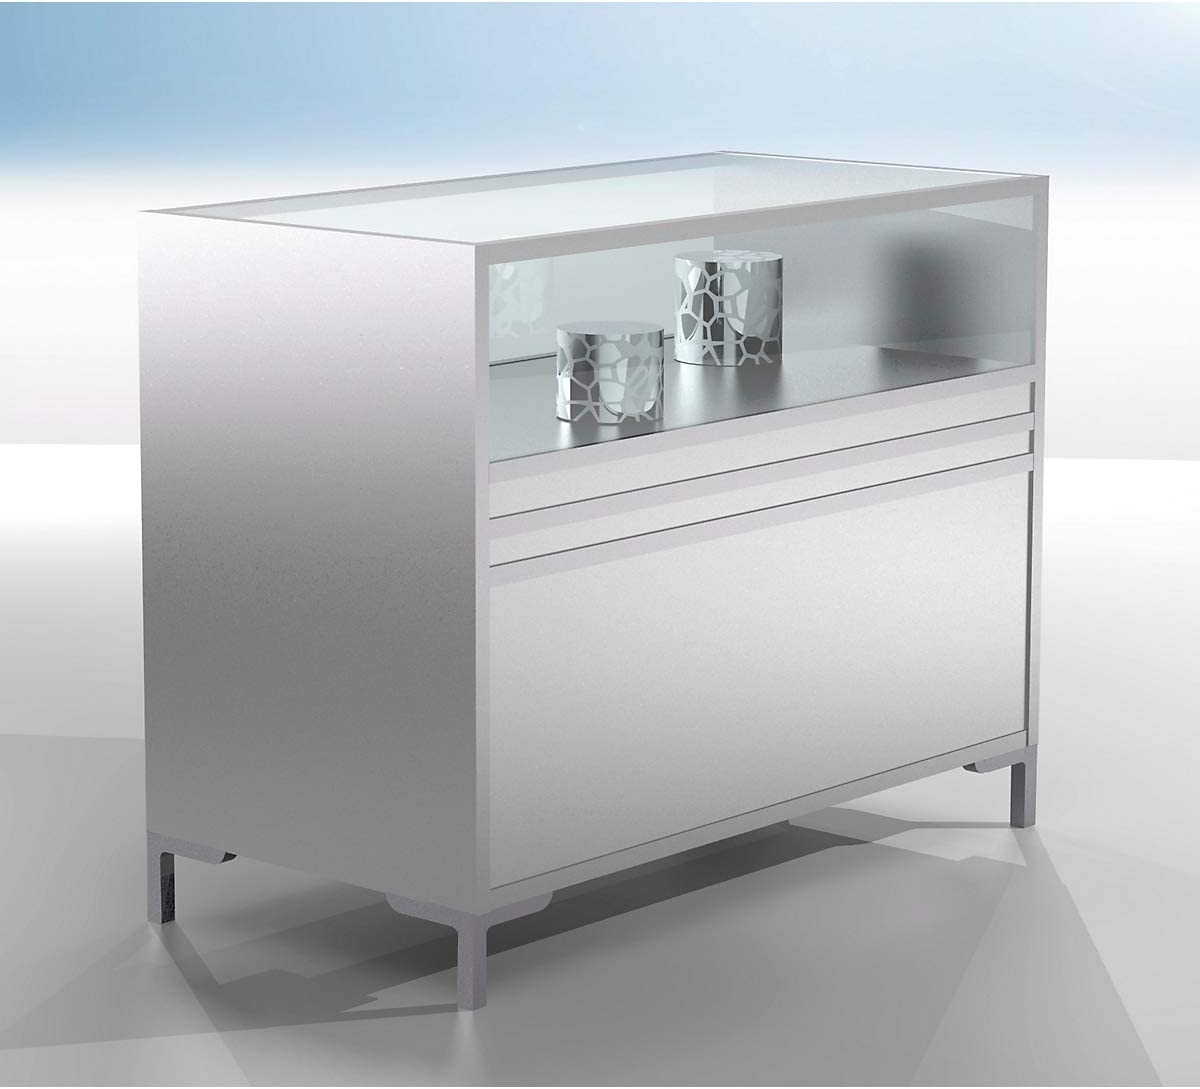 De los mostradores vitrina, la mitad de vidriado, medidas 1200 x 600 x 900 mm, perfiles de aluminio, 1 balda, puertas correderas, cilindro: Amazon.es: Bricolaje y herramientas